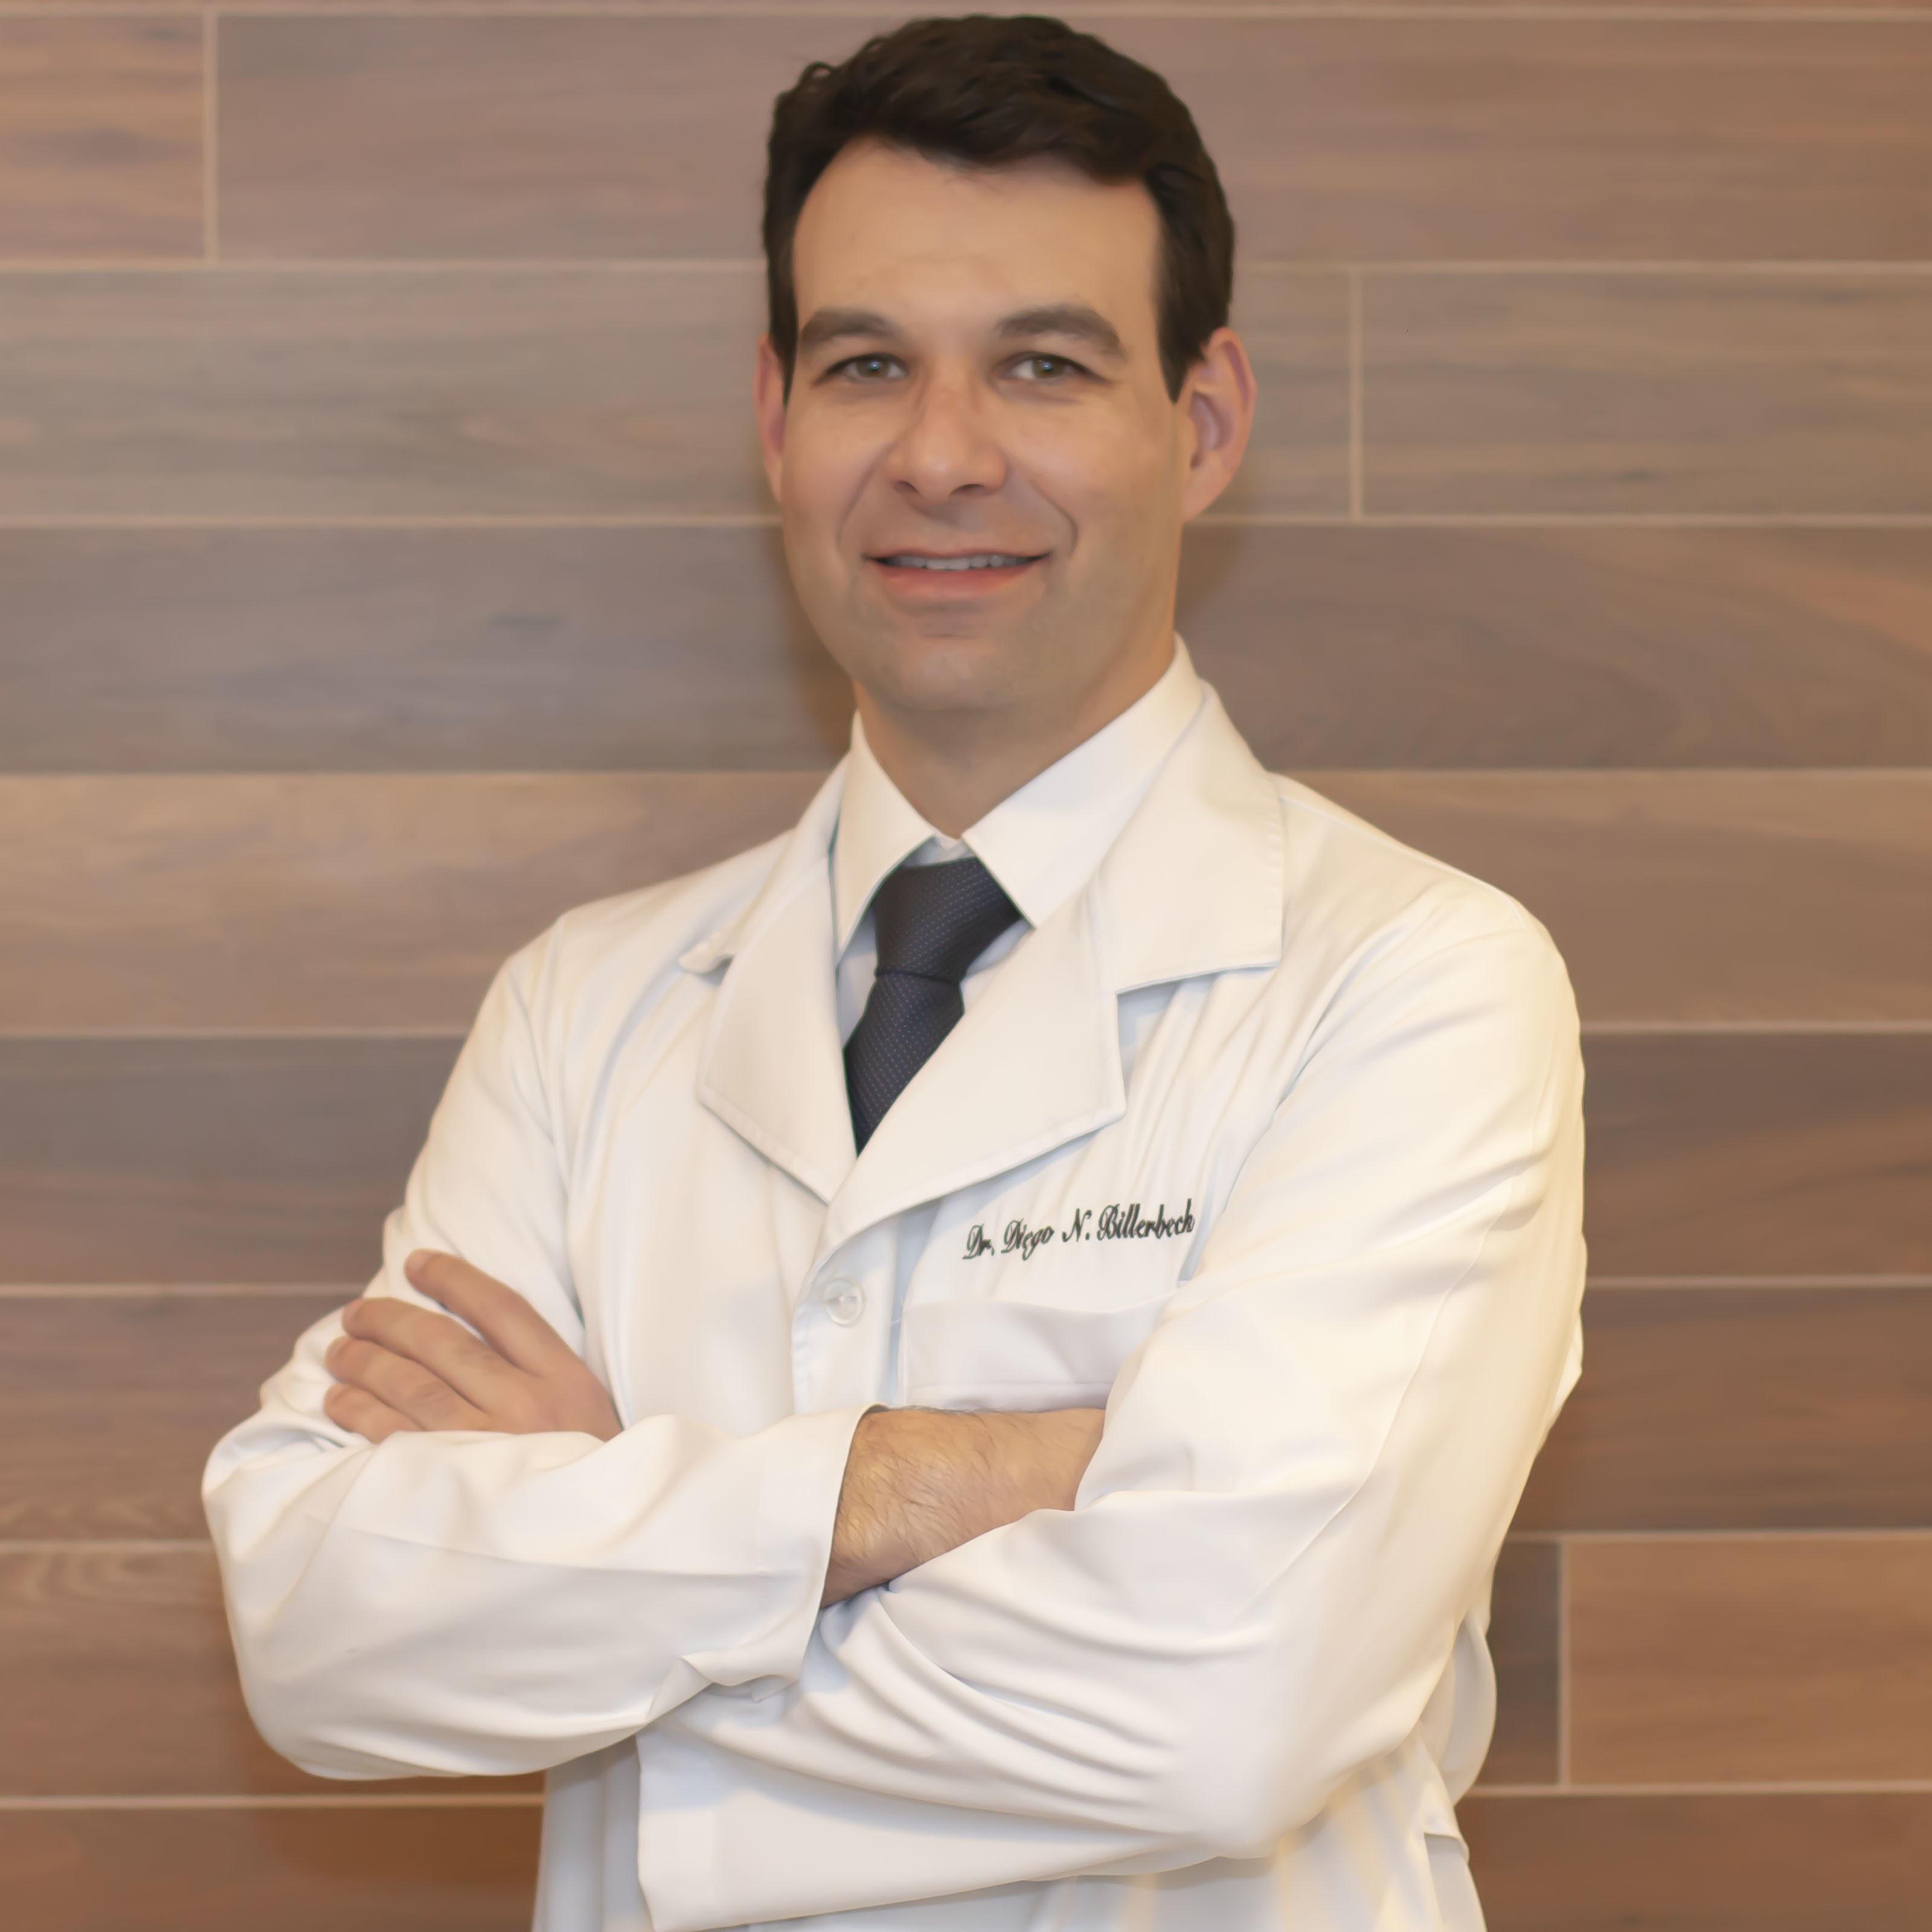 Dr. Diego Nunes Billerbeck